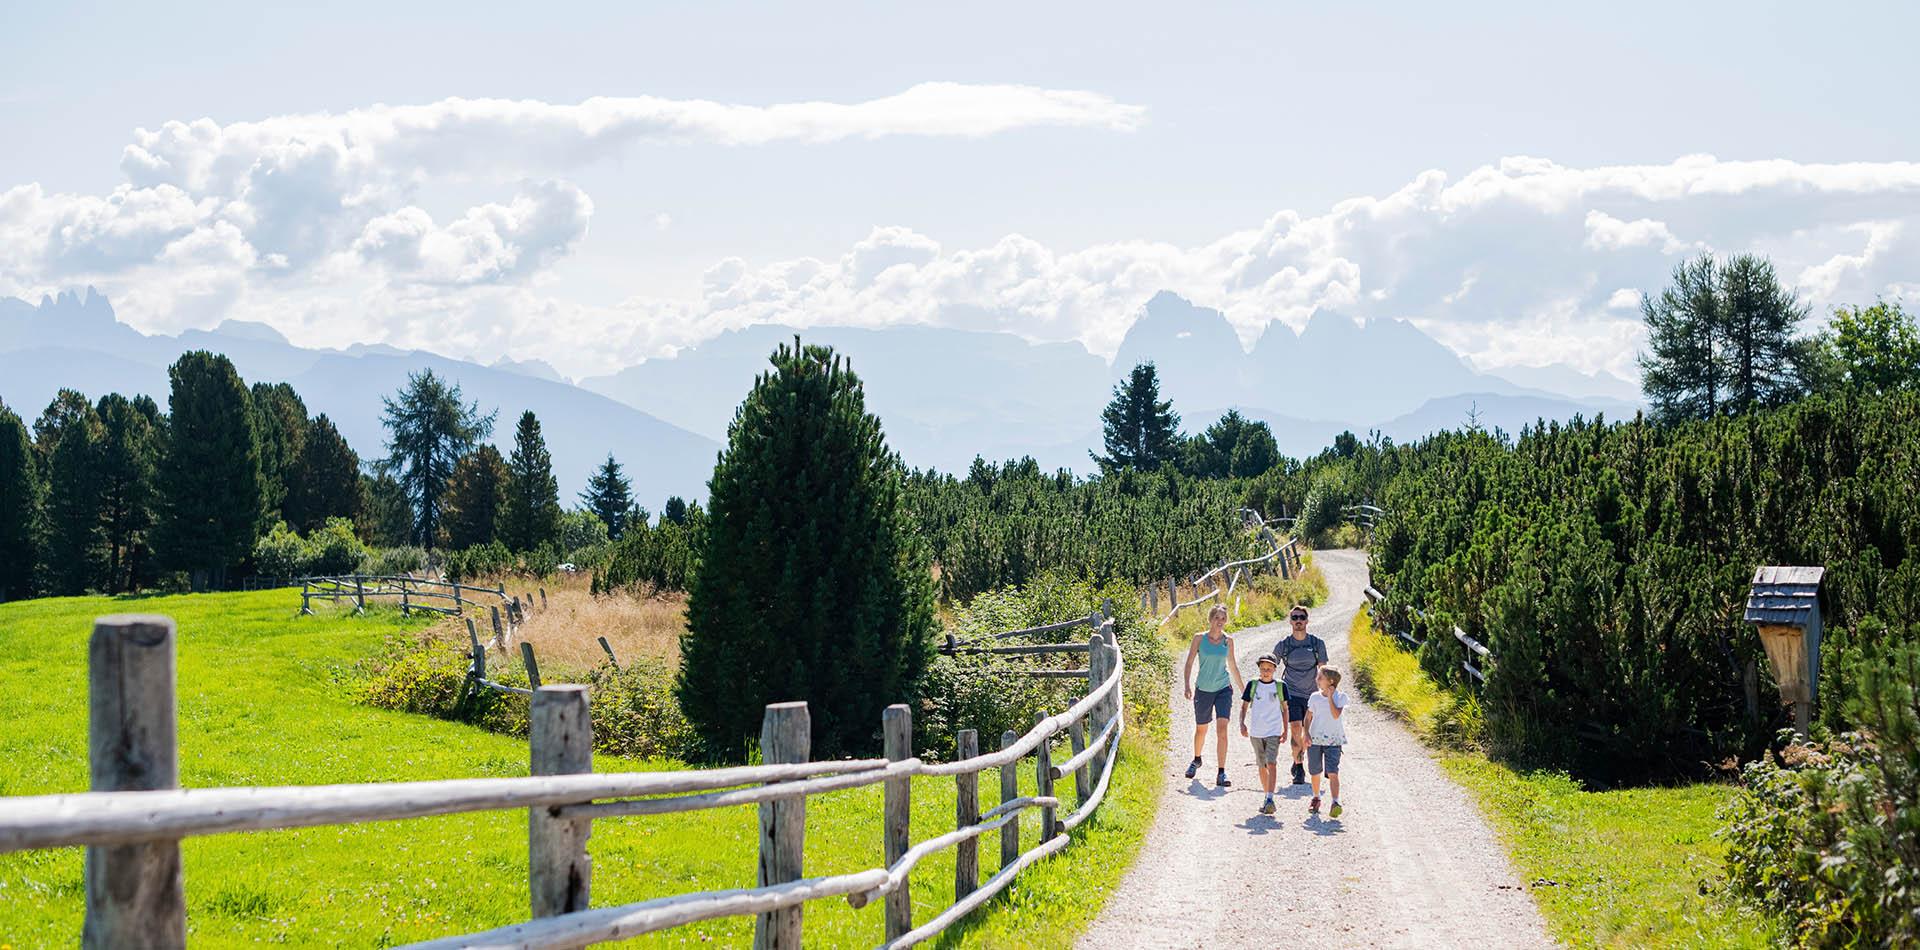 Urlaub auf dem Bauernhof in Albeins/Brixen